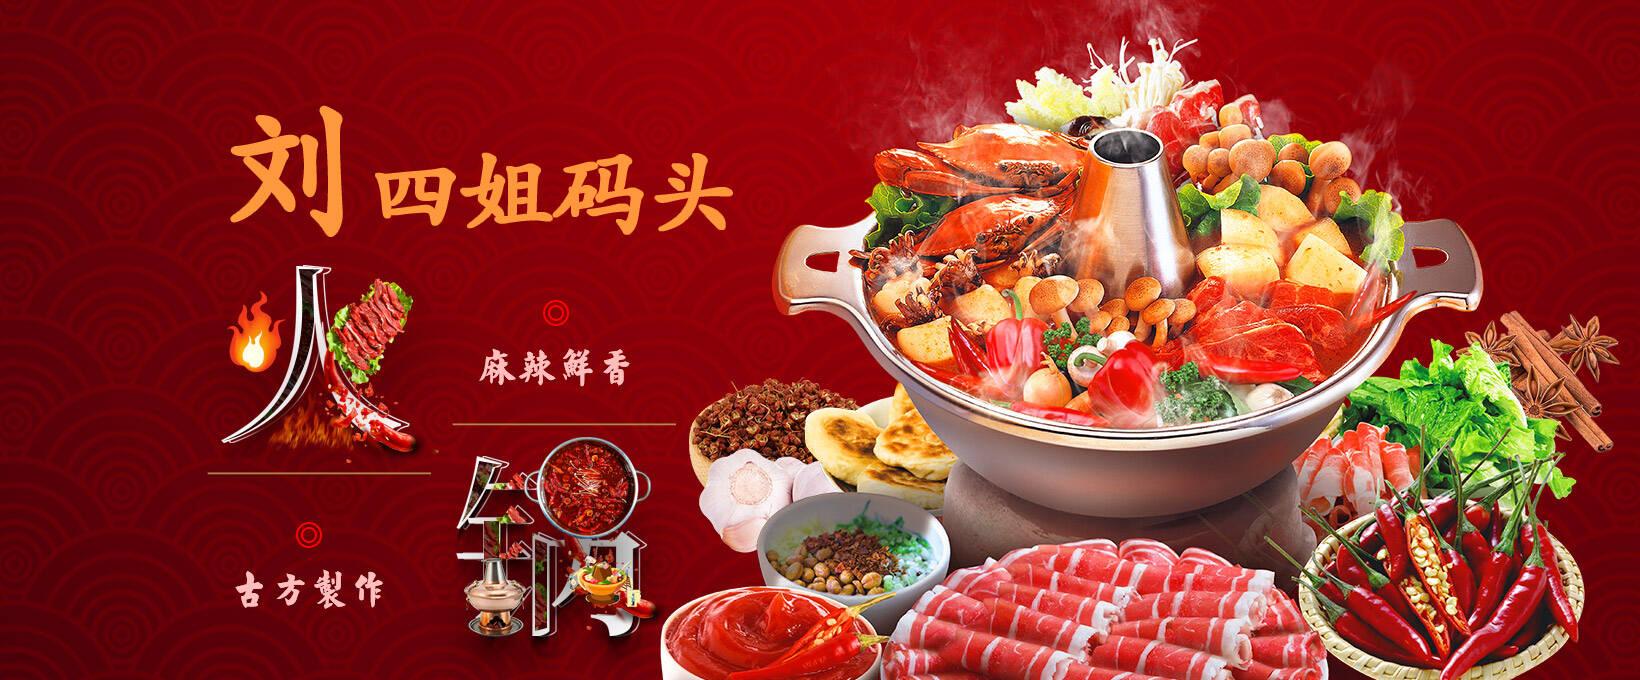 陕西火锅店策划营销